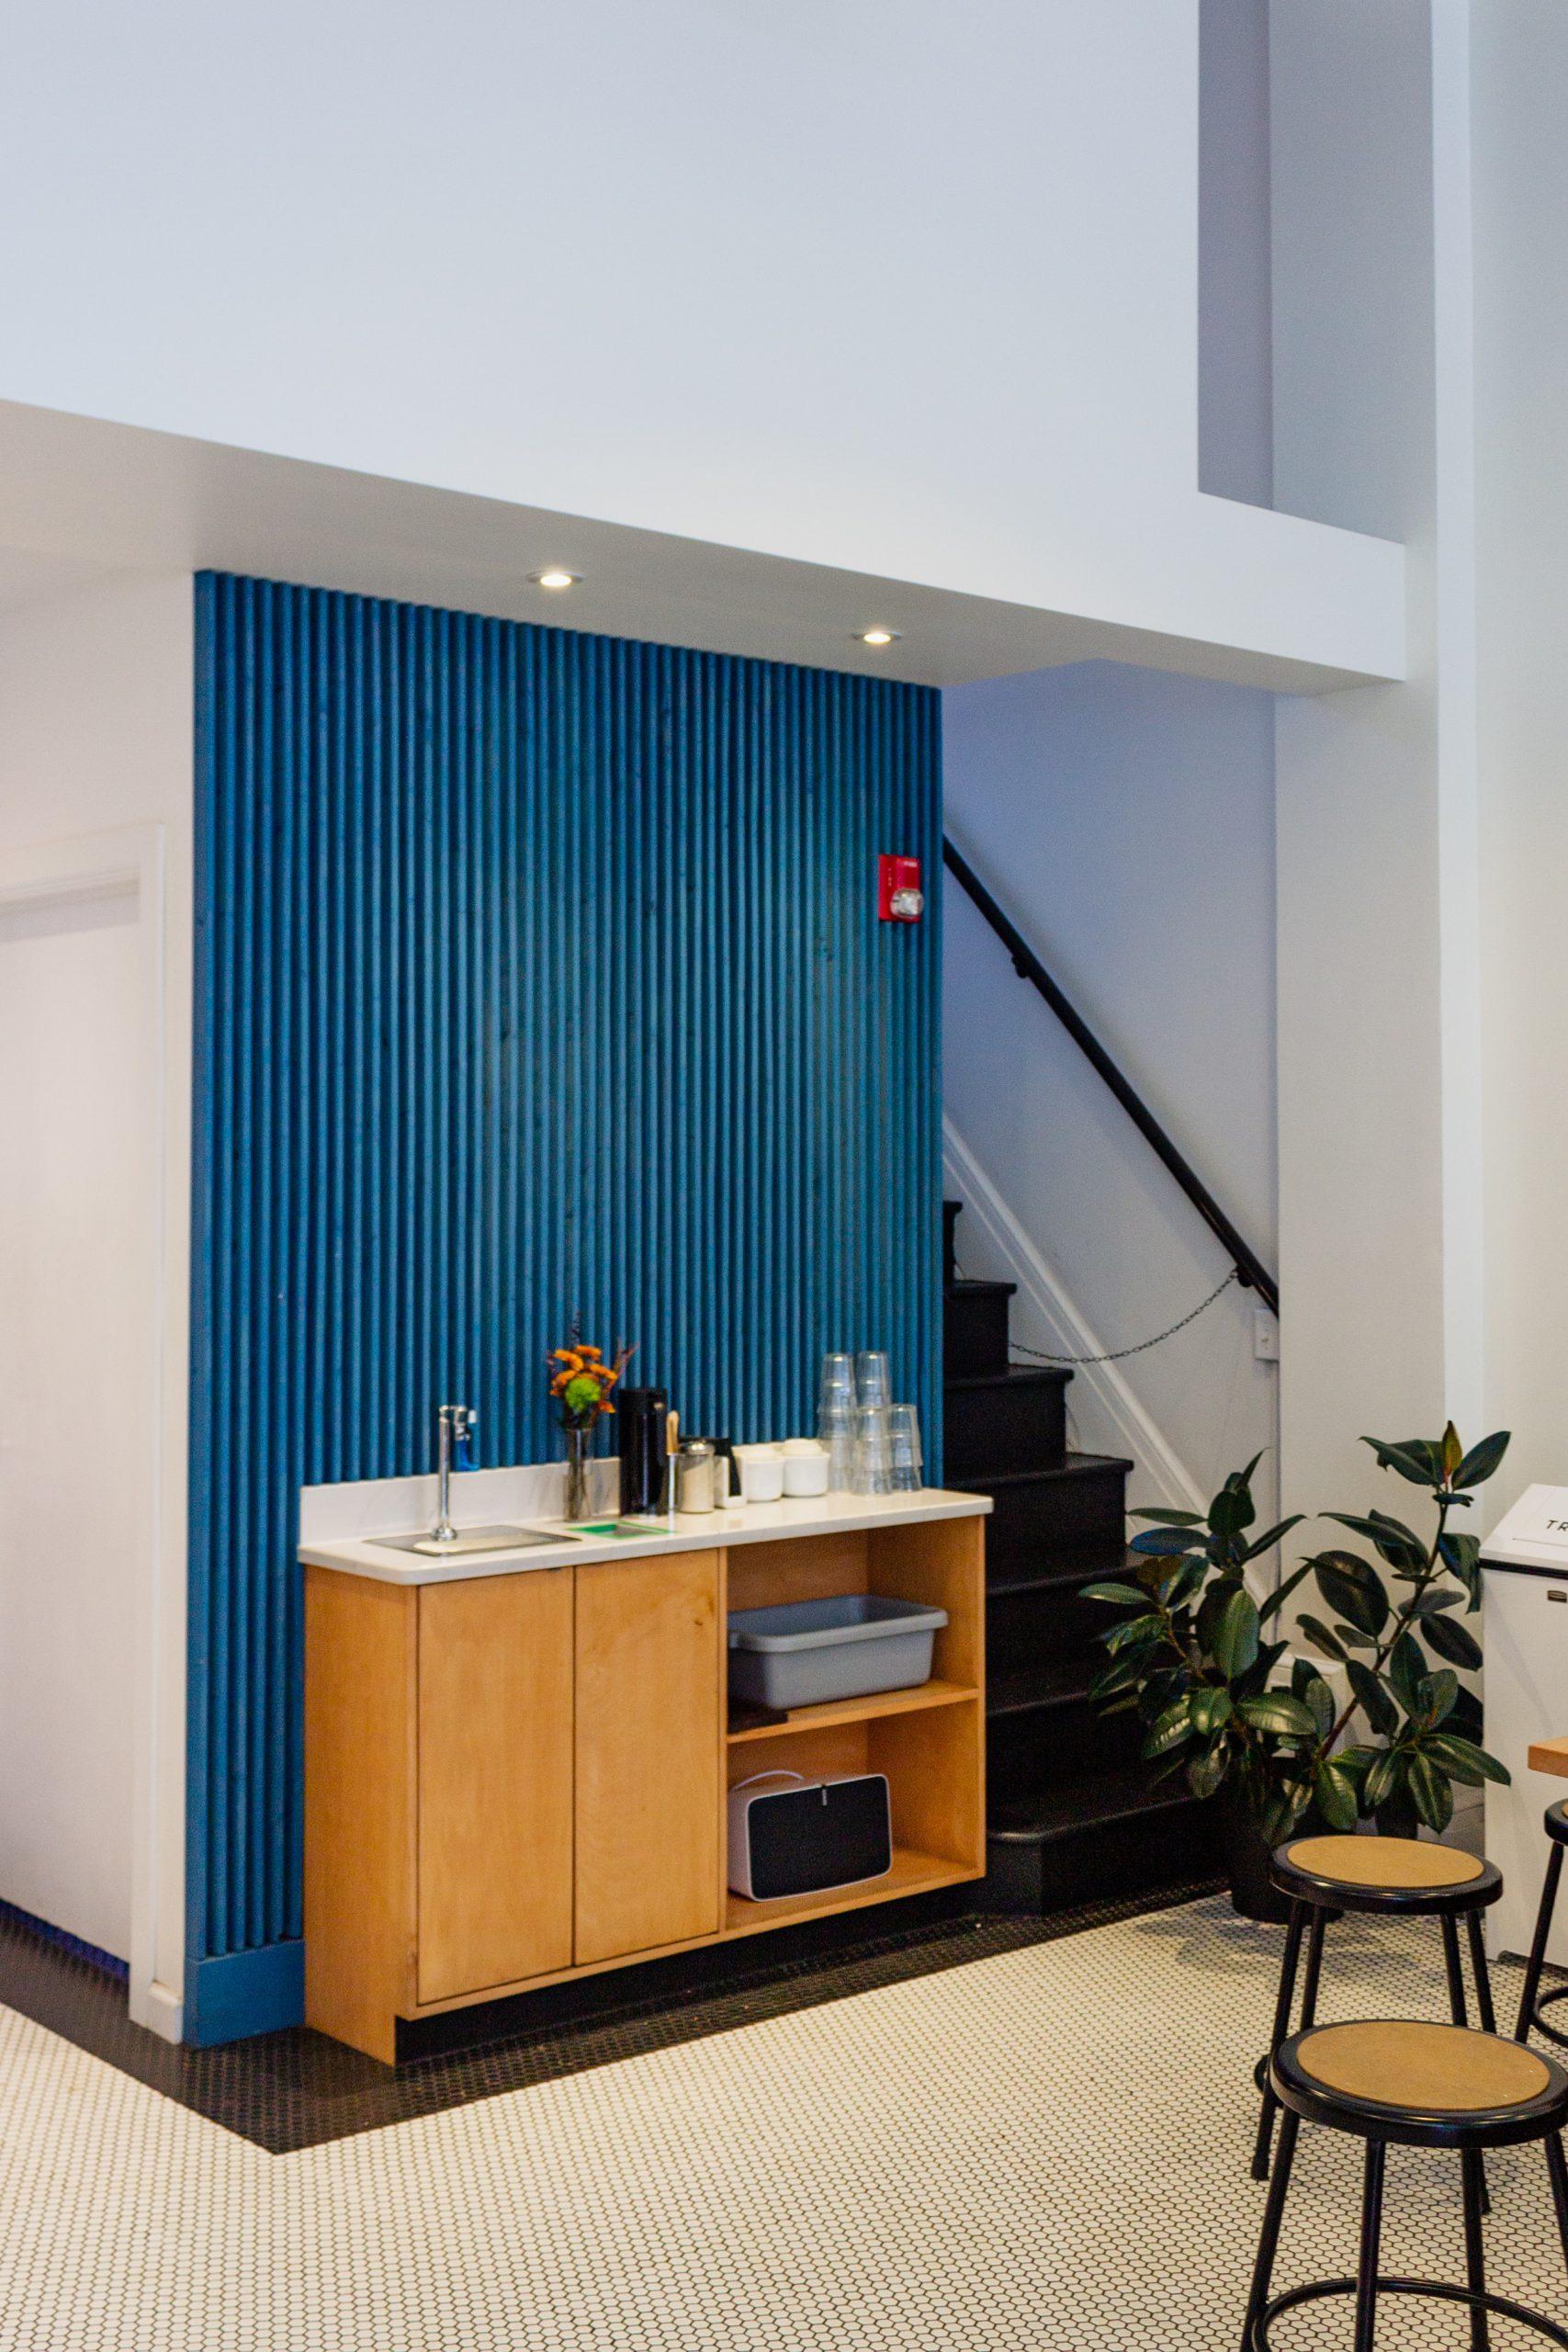 Marigold interior designers